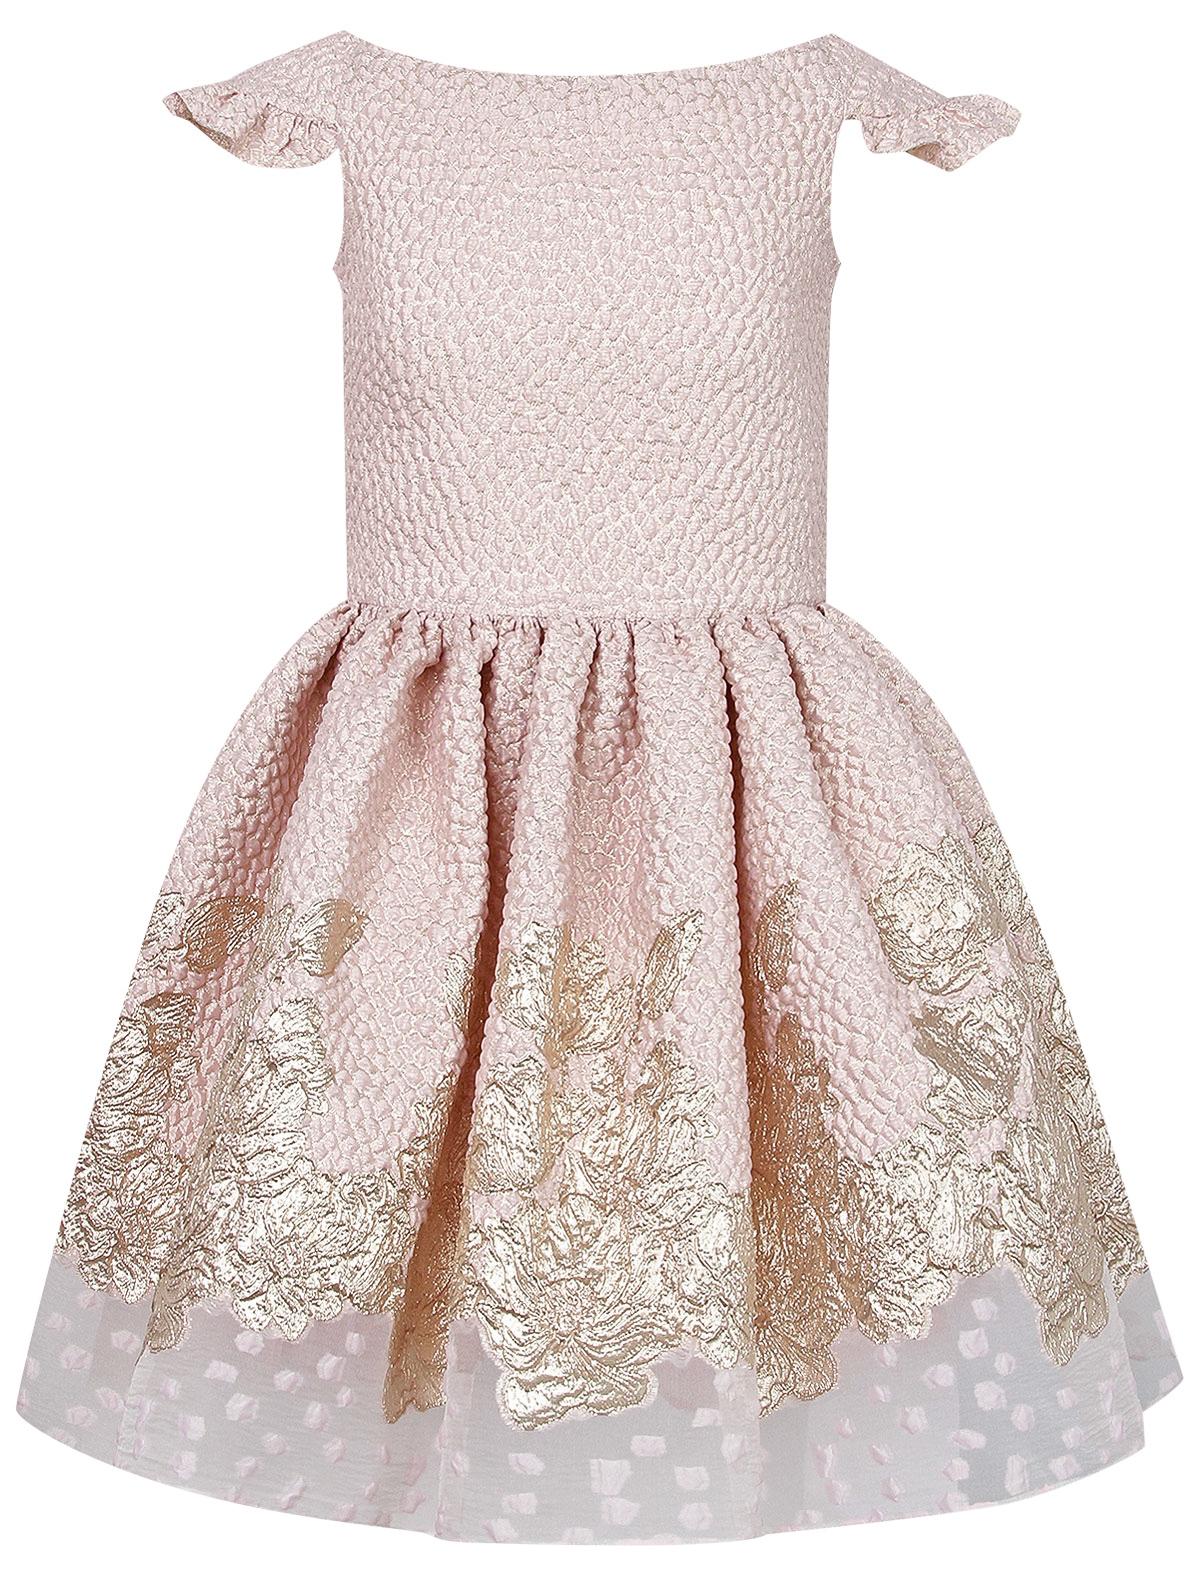 Купить 2202882, Платье David Charles, розовый, Женский, 1054609071885